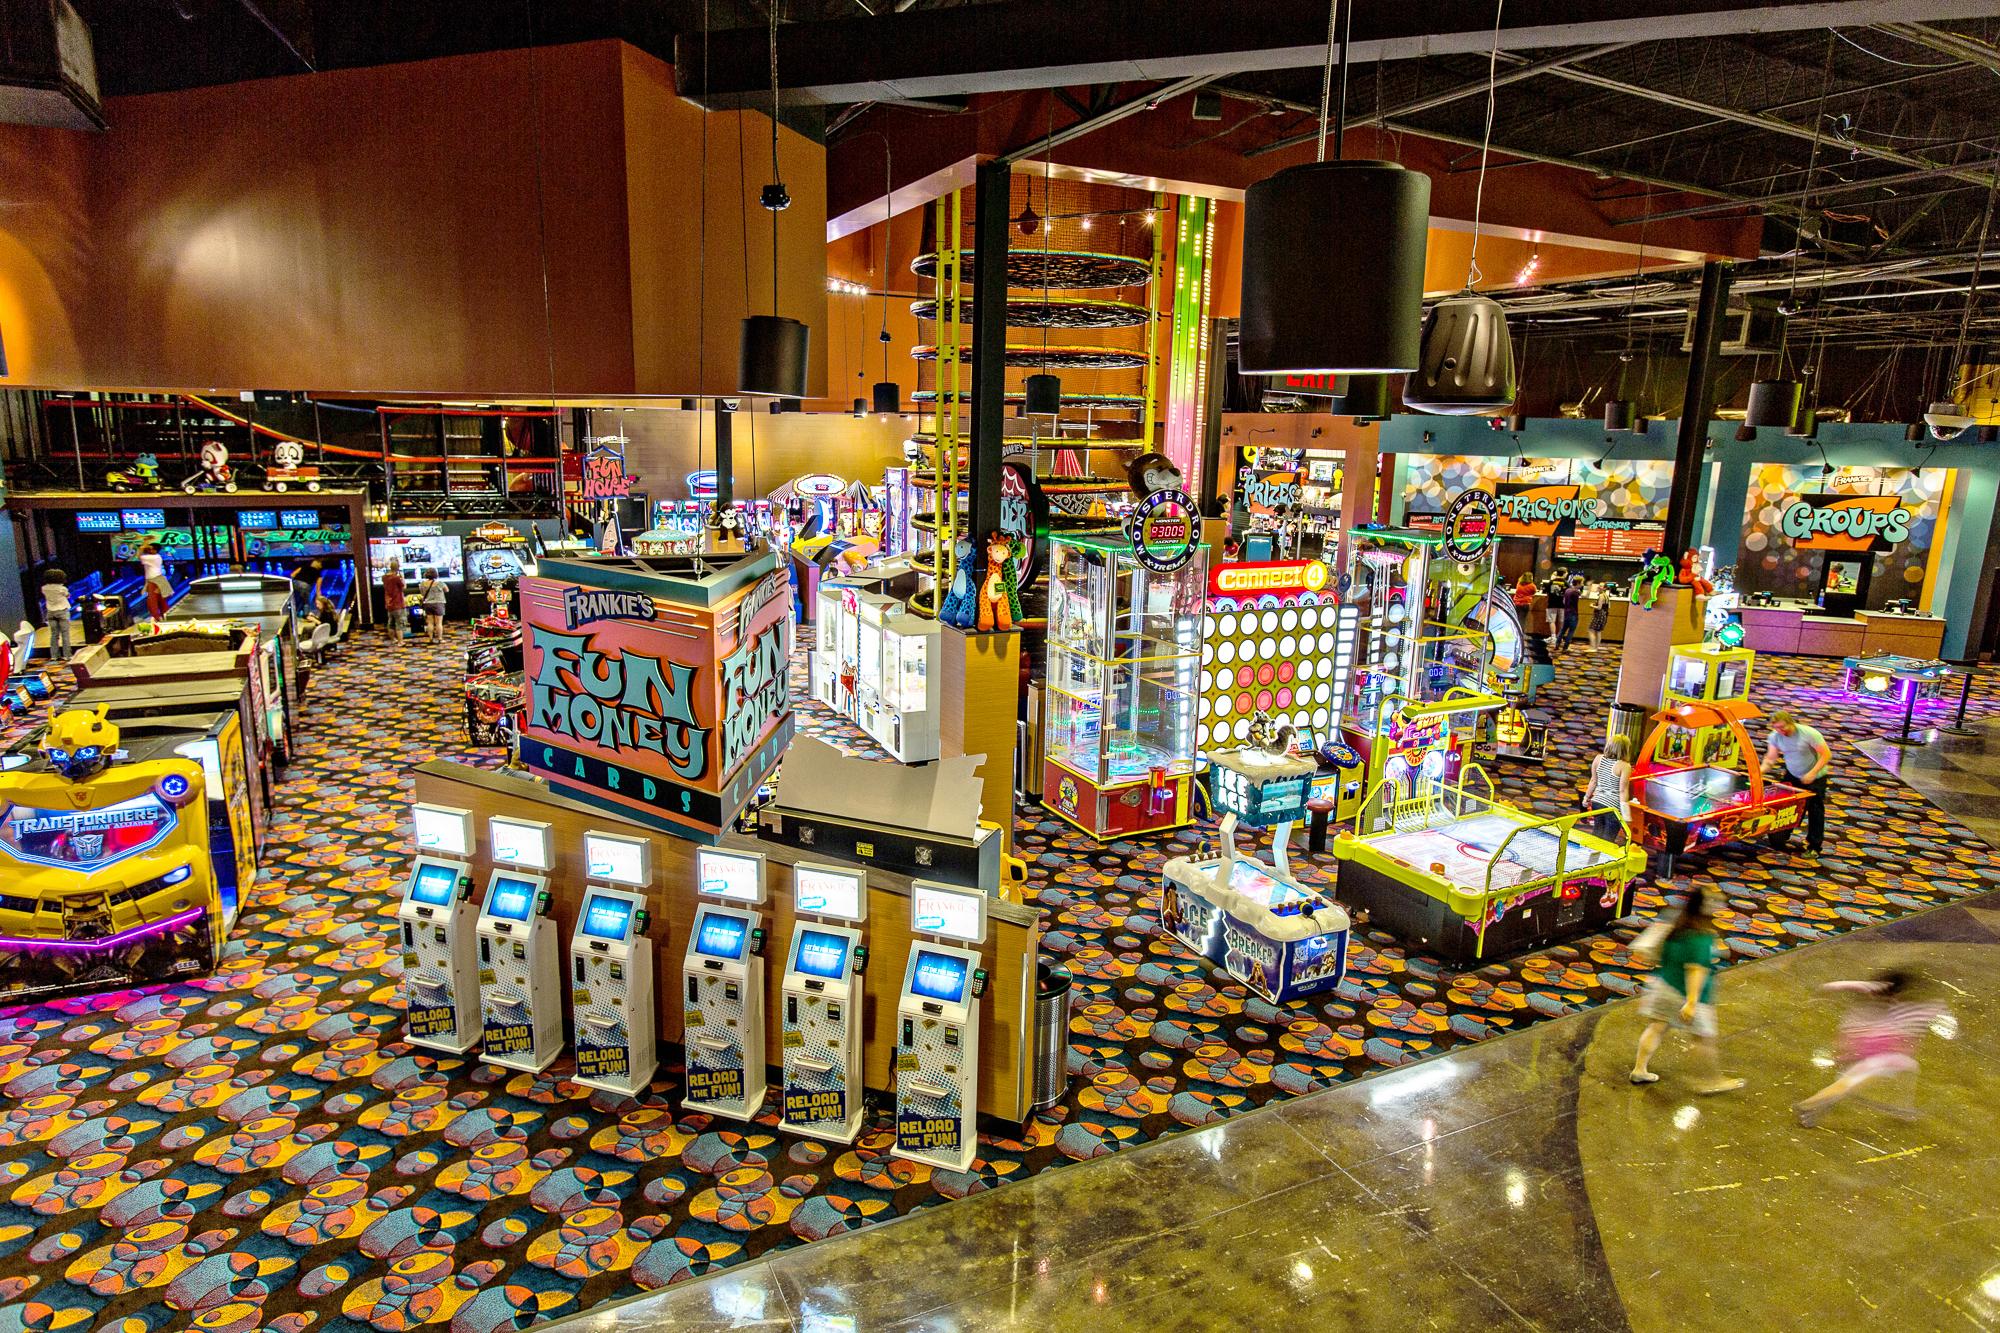 ADW-Entertainment-Frankie's-Fun-Park-Raleigh-NC-7.jpg